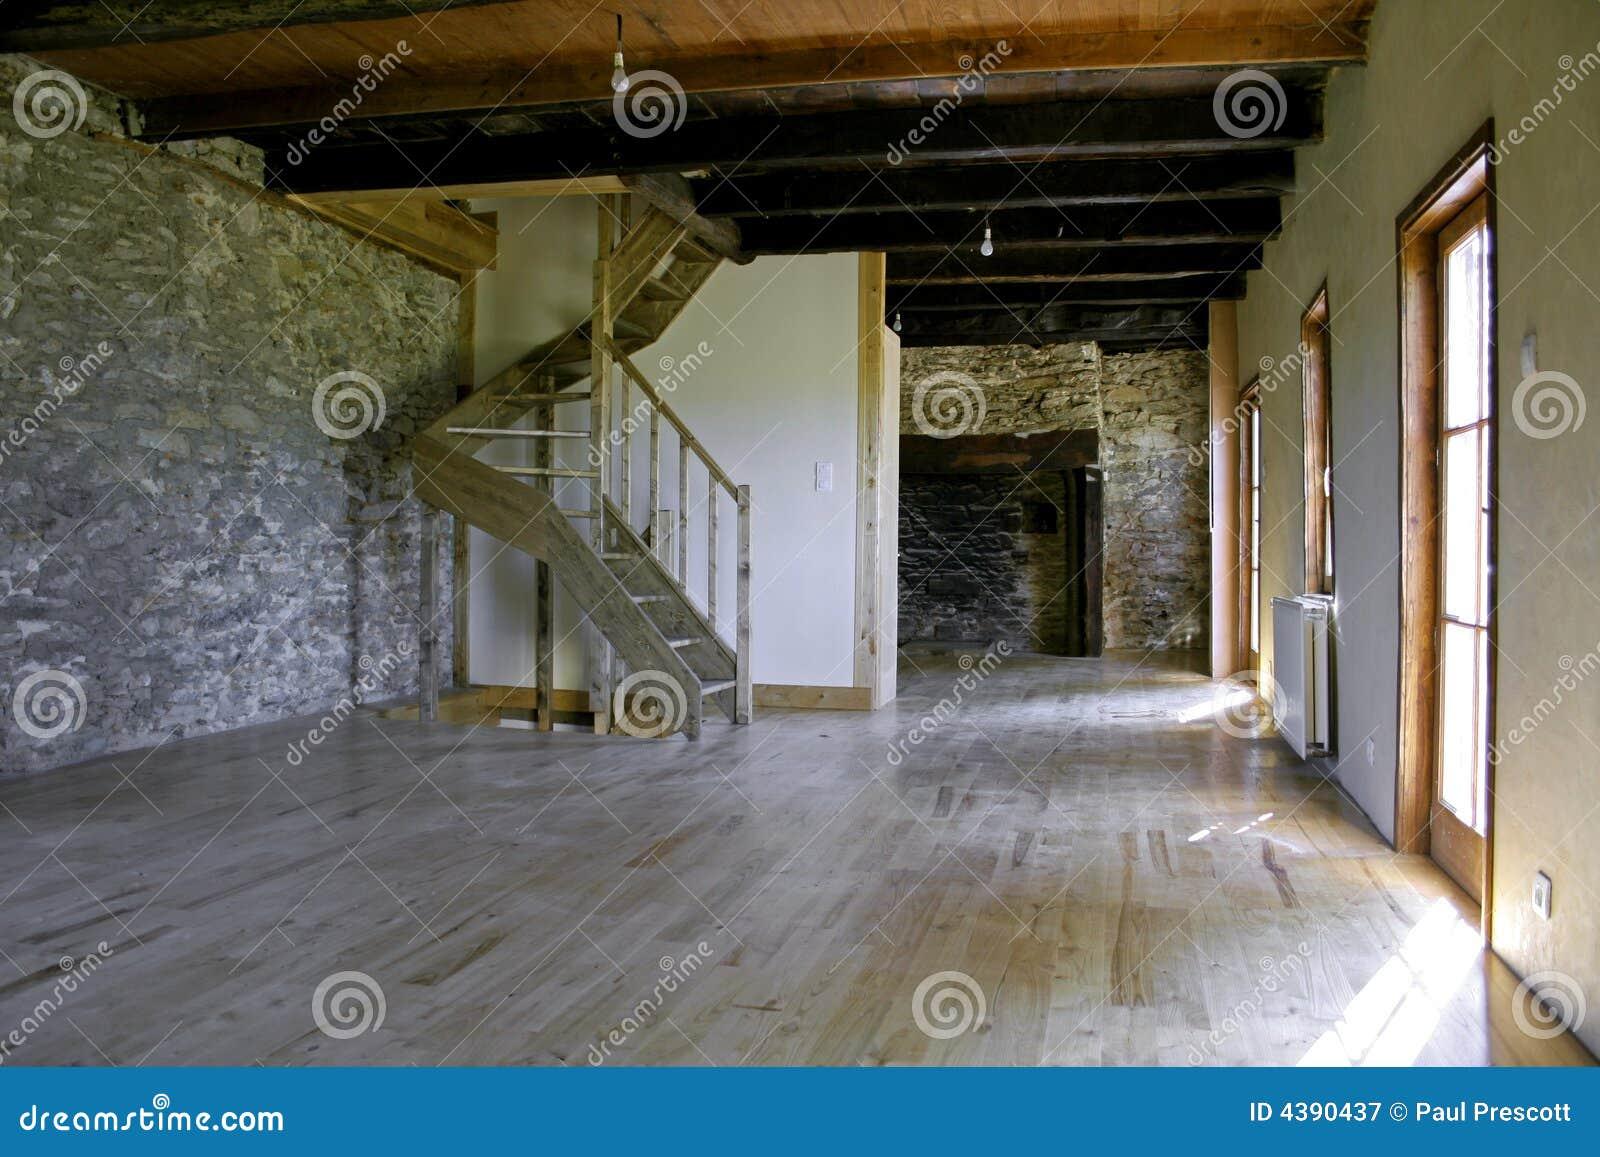 Maison en pierre r nov e photographie stock libre de - Interieur maison en pierre ...